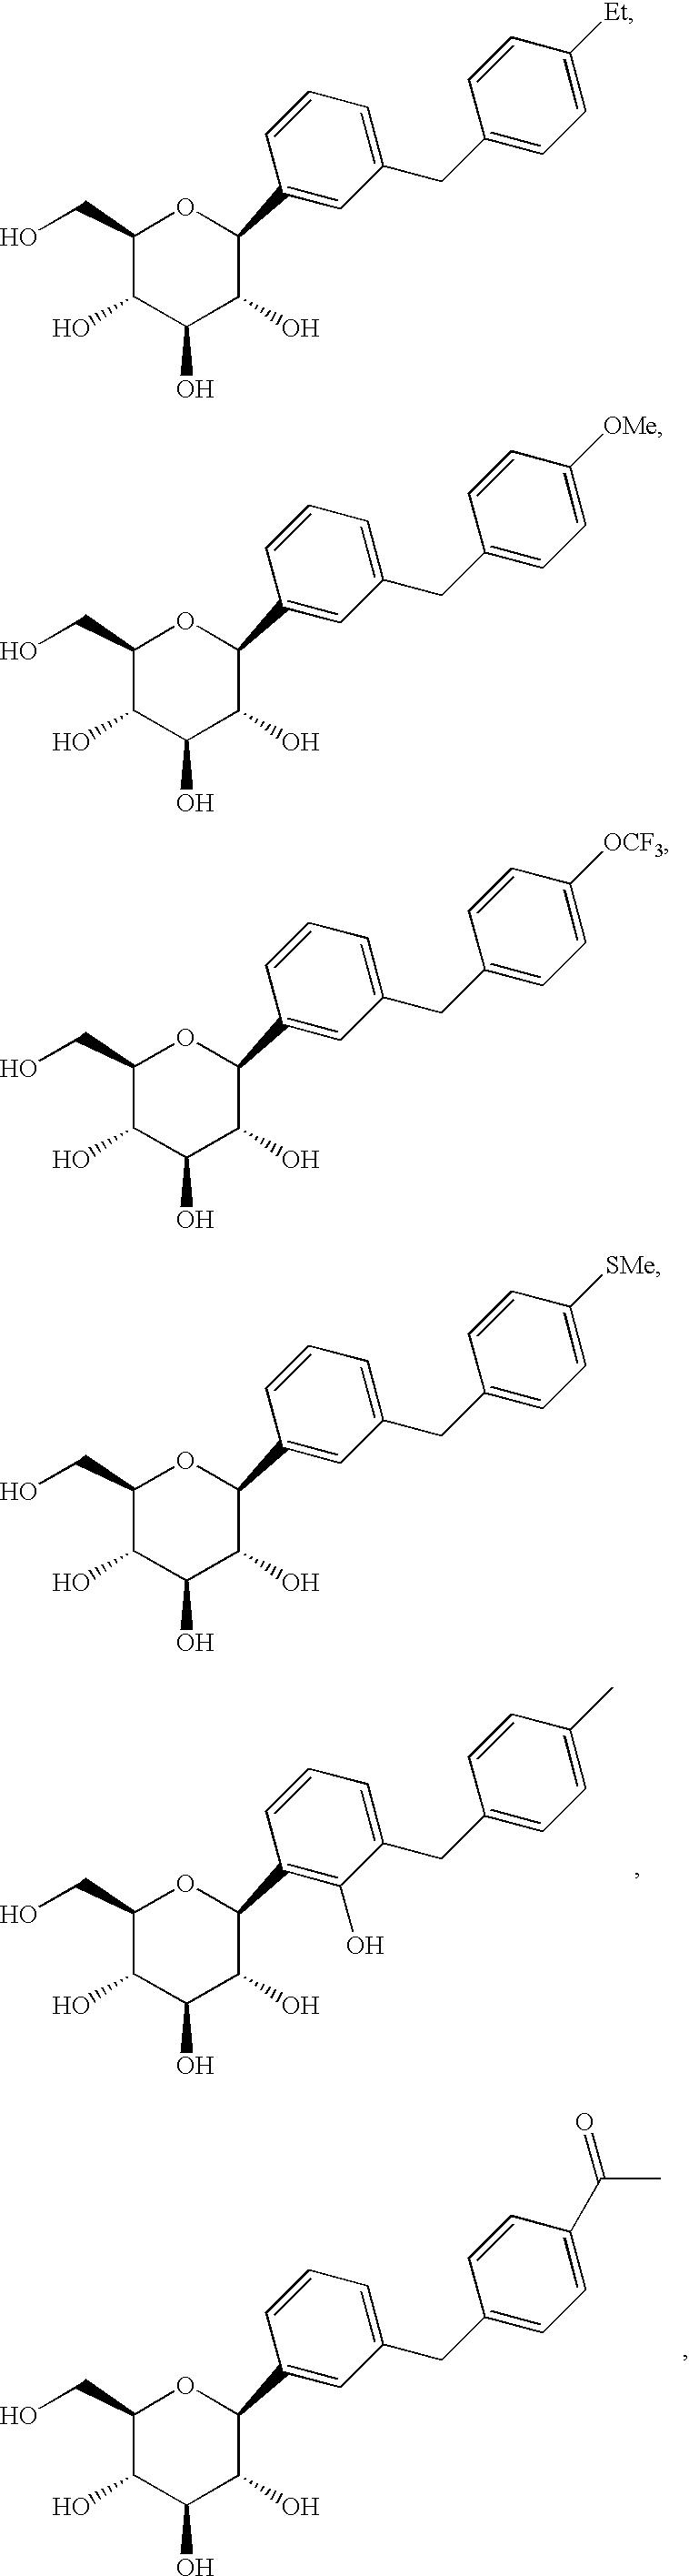 Figure US06414126-20020702-C00118